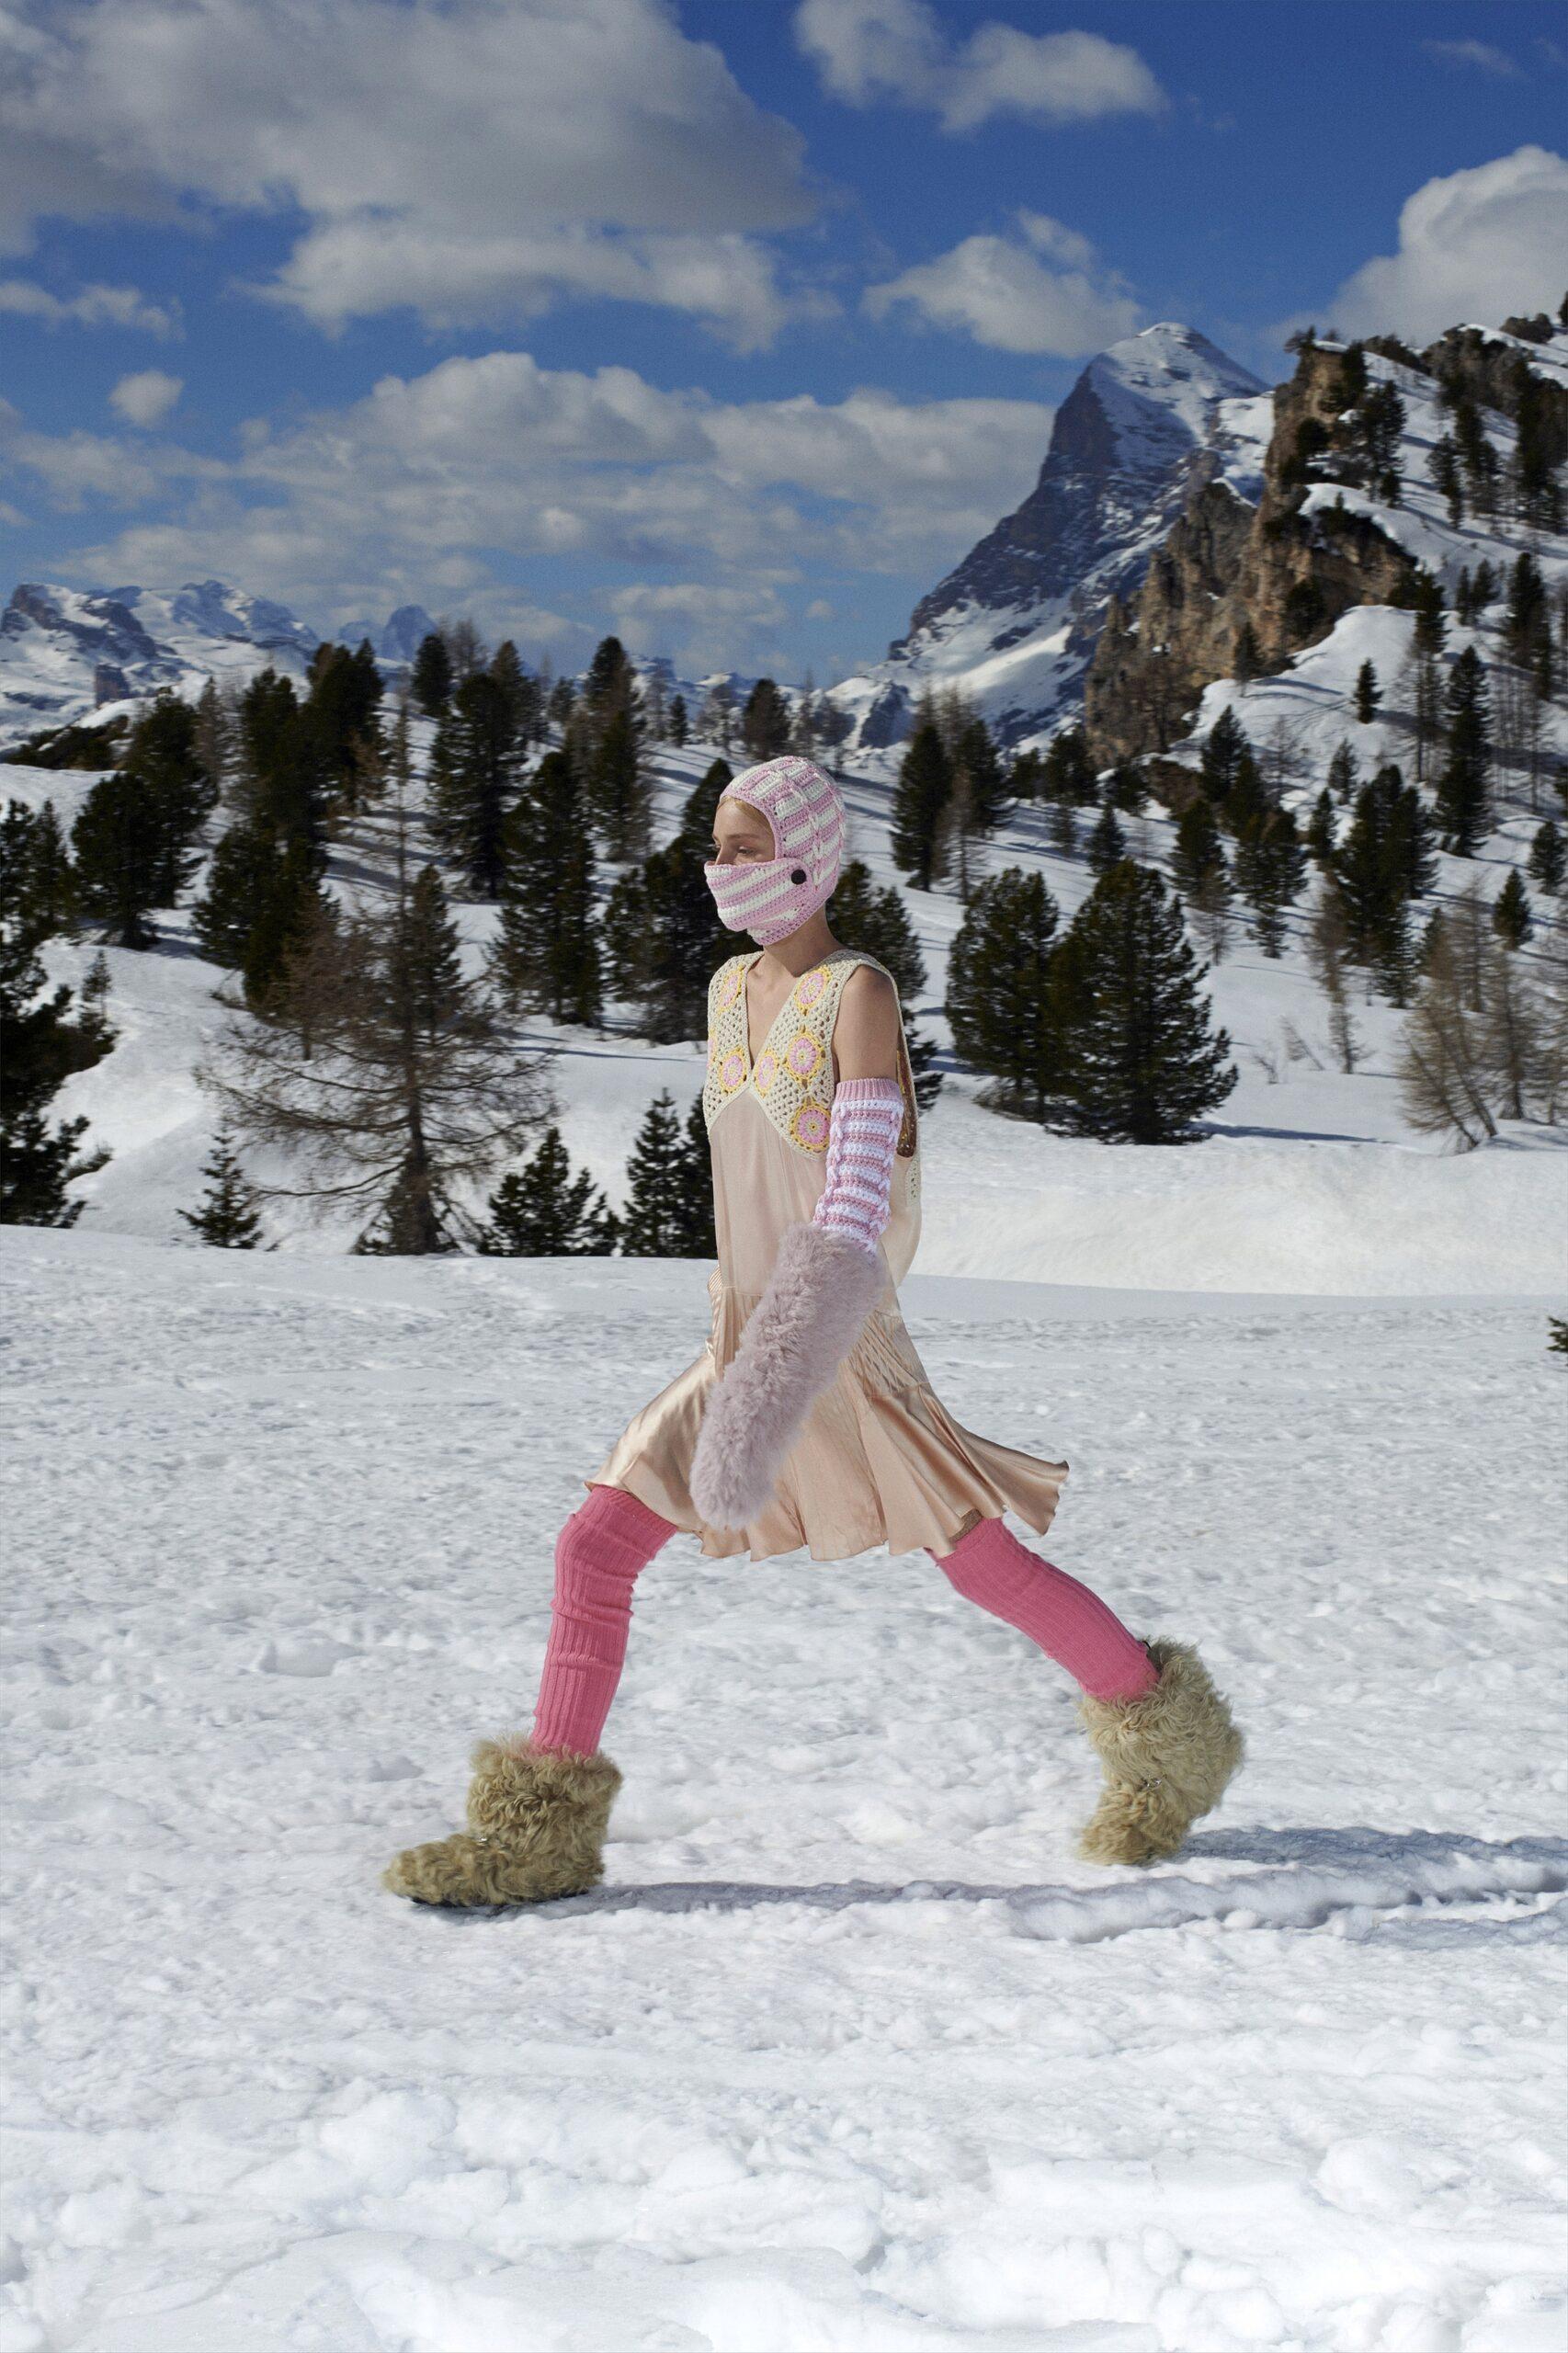 модные сапоги осень зима 2021 2022 меховые унты бежевые пушистые